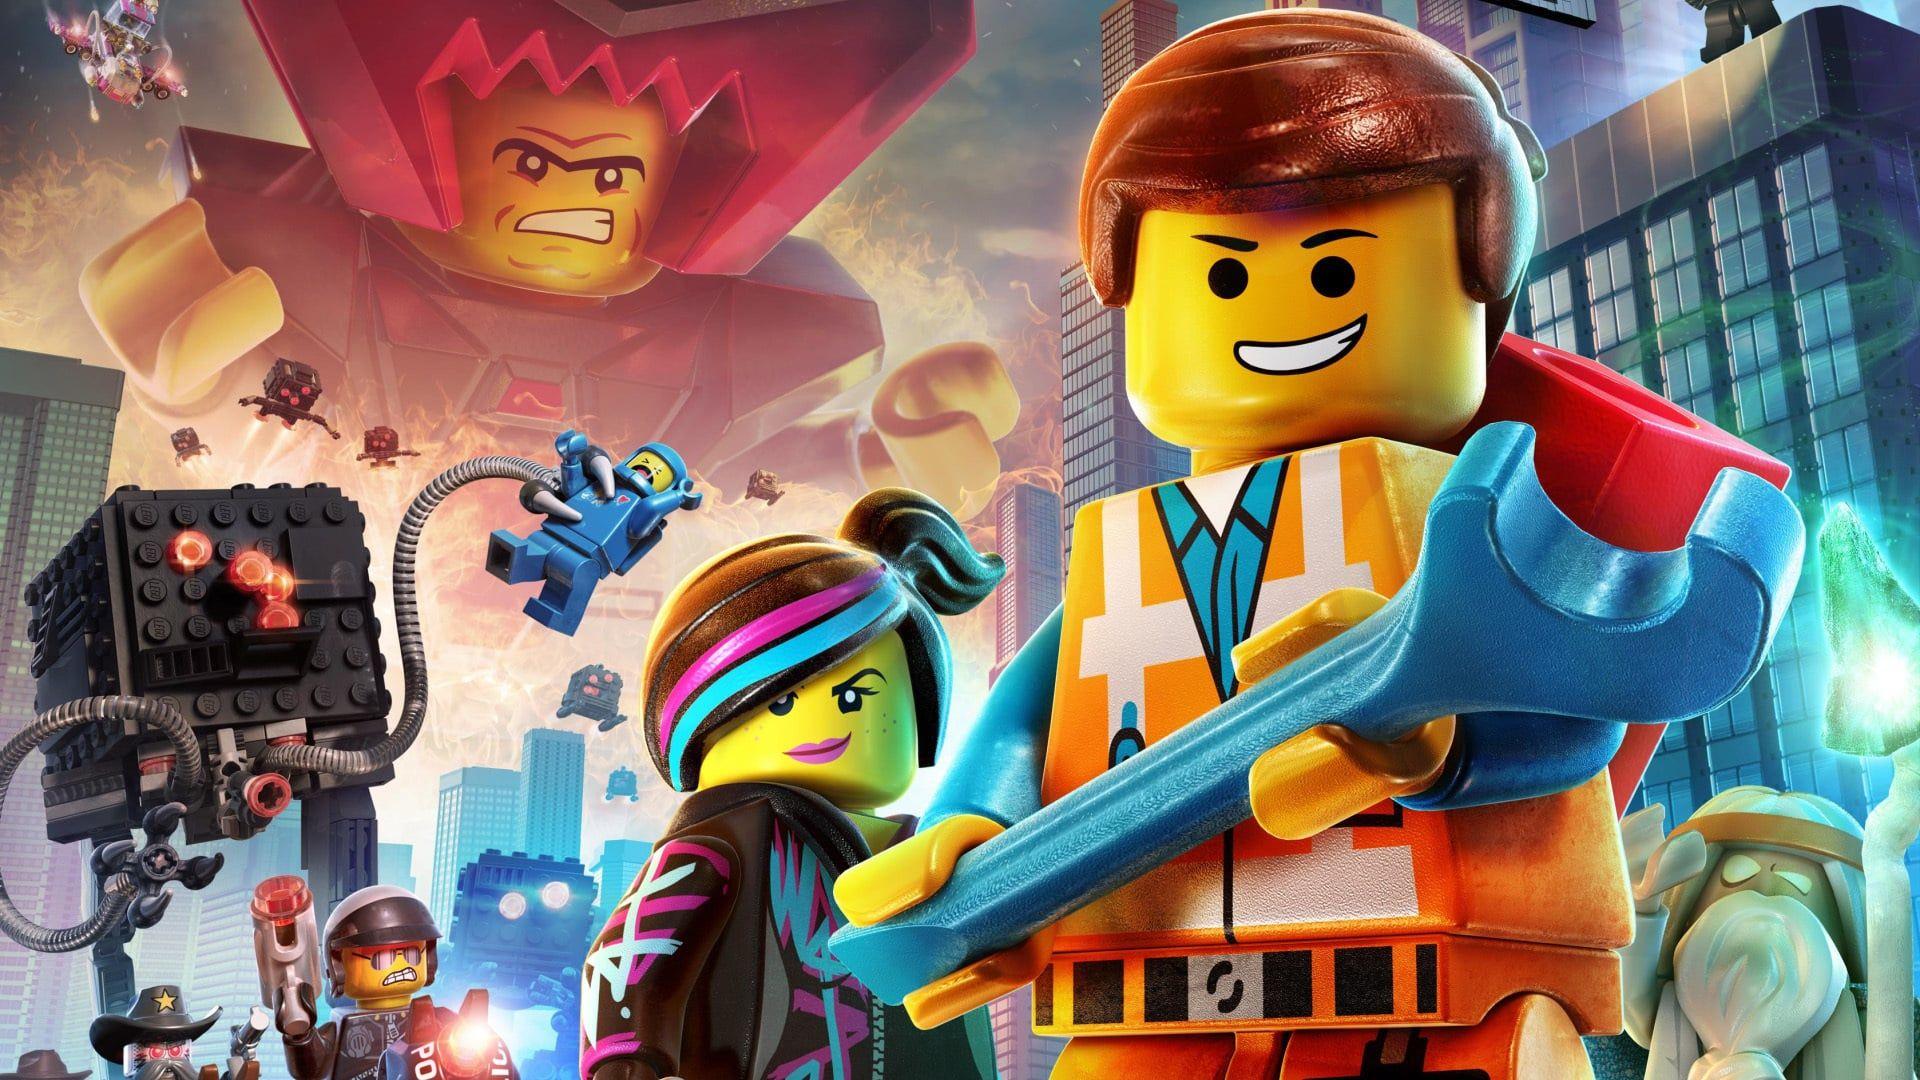 The Lego Movie 2014 Ganzer Film Stream Deutsch Komplett Online The Lego Movie 2014complete Film Deutsch The Lego Movie Online Kostenlos Ganzer Film The L